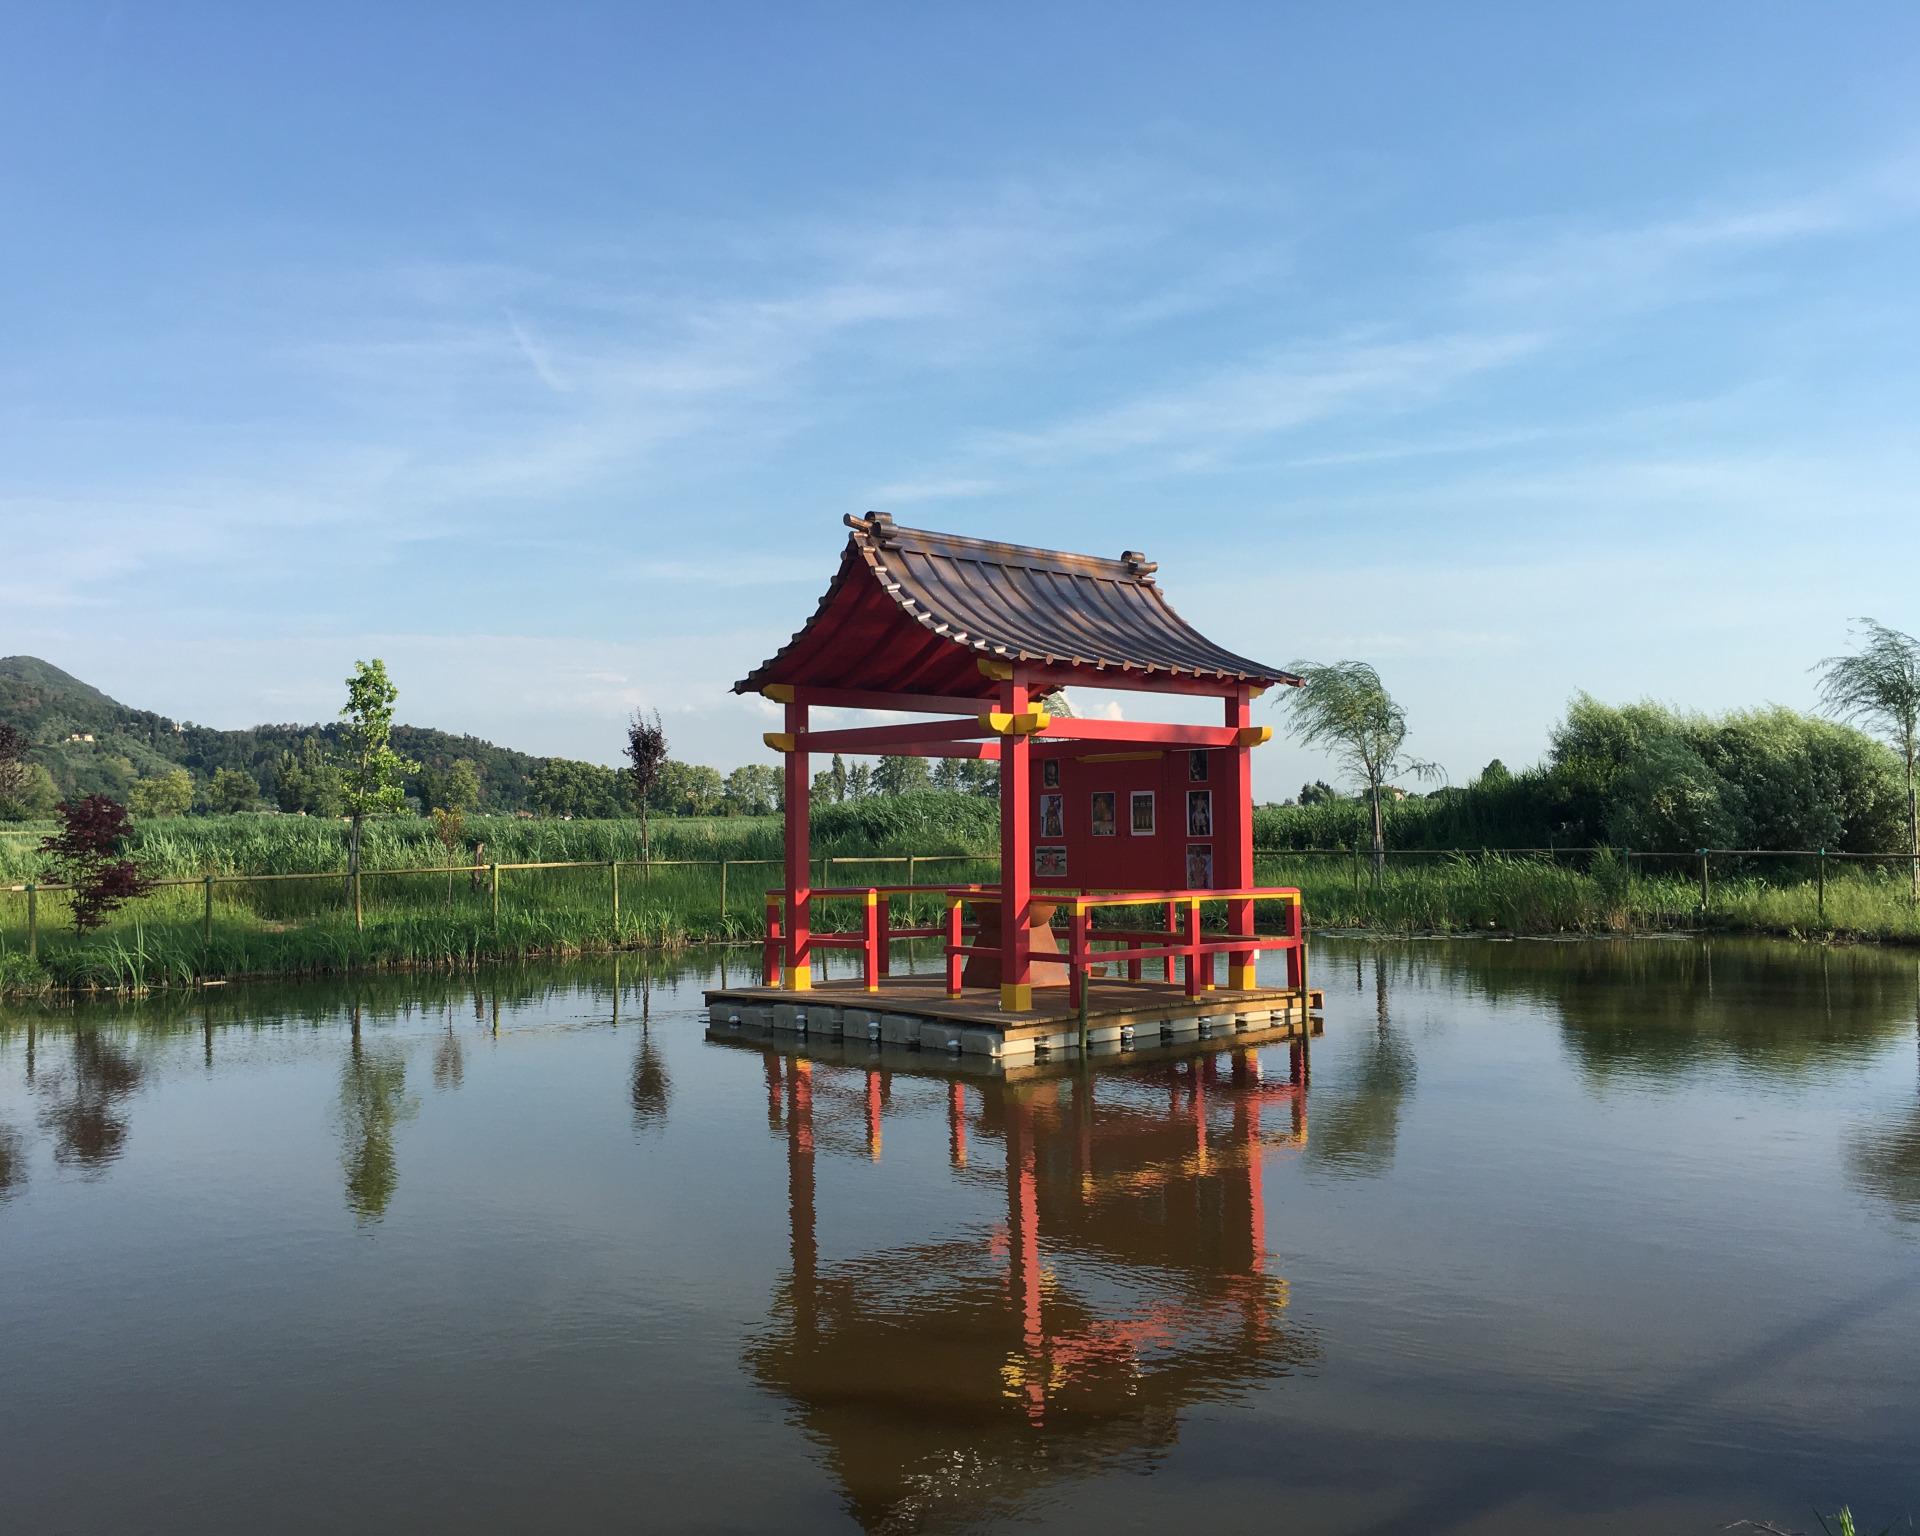 podere lovolio massarosa fondazione pomara scibetta la pagoda galleggiante